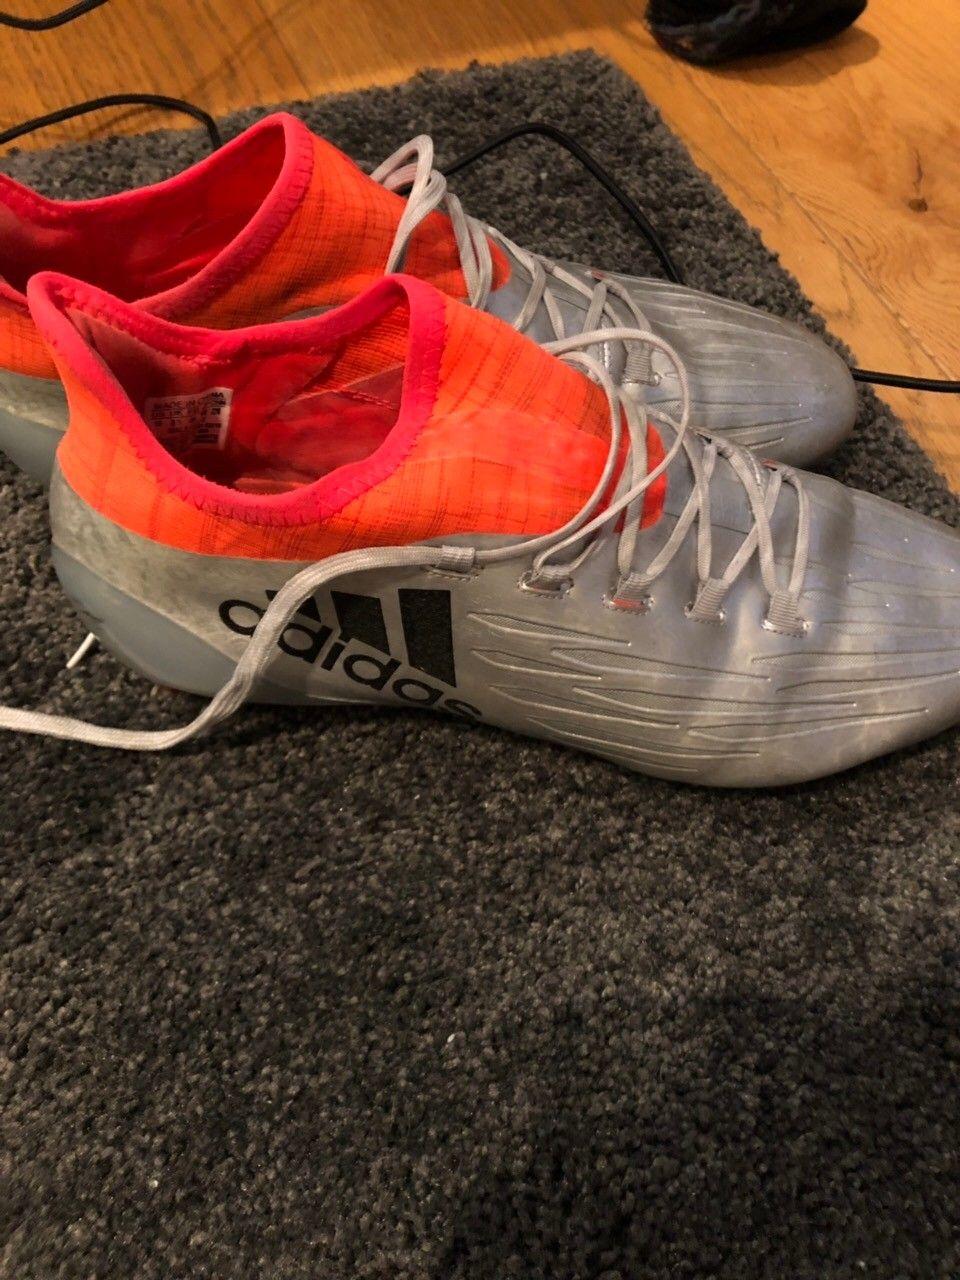 73fca00f best website 01bd8 e4273 gutter fotball sko adidas no ...